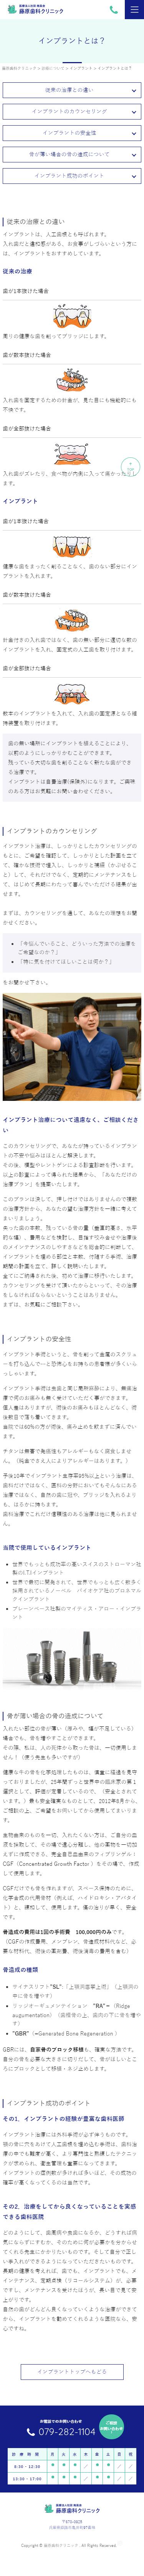 姫路市 藤原歯科クリニック様 ホームページ制作3